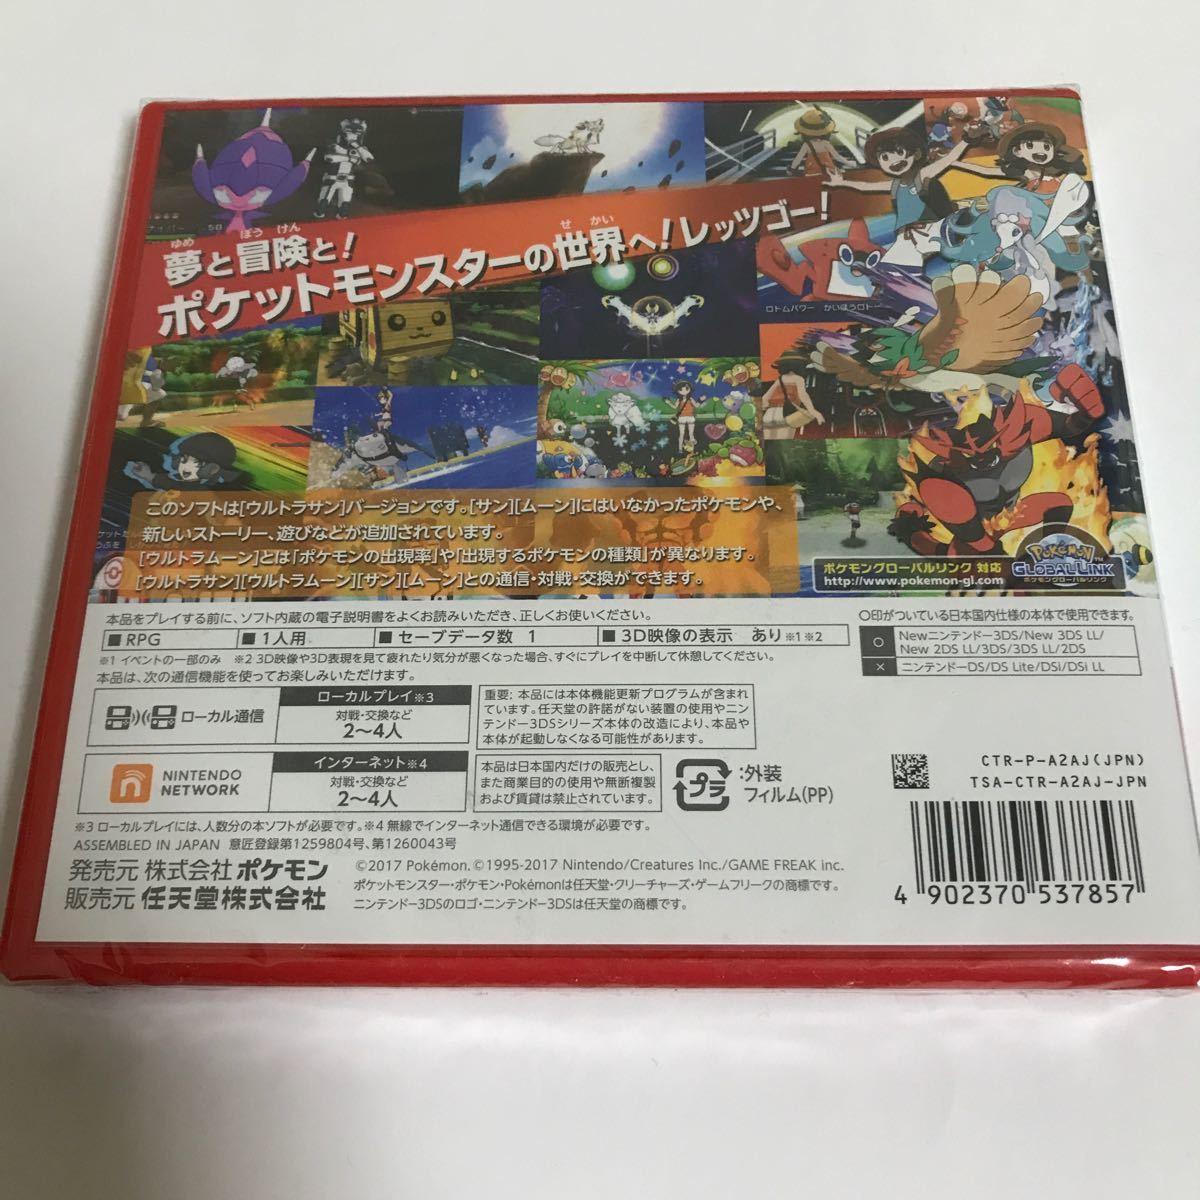 ポケットモンスターウルトラサン ニンテンドー3DSソフト ポケモン